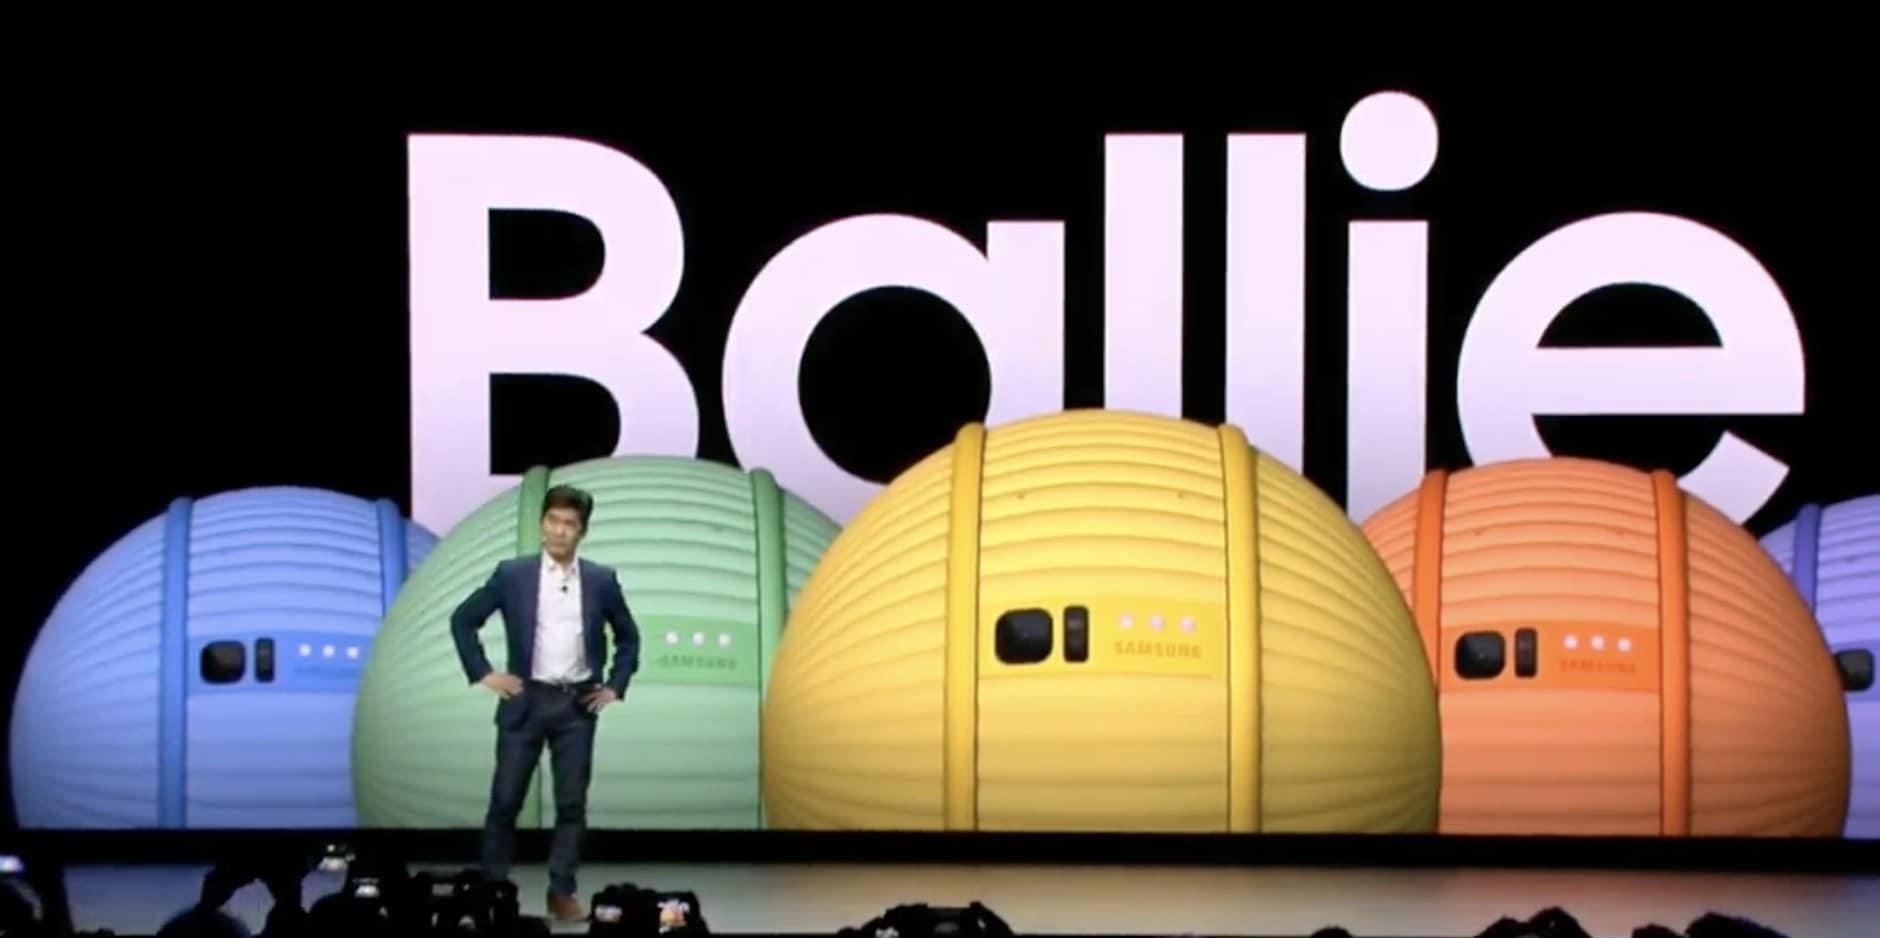 Meet Ballie, Samsung's companion rolling robot